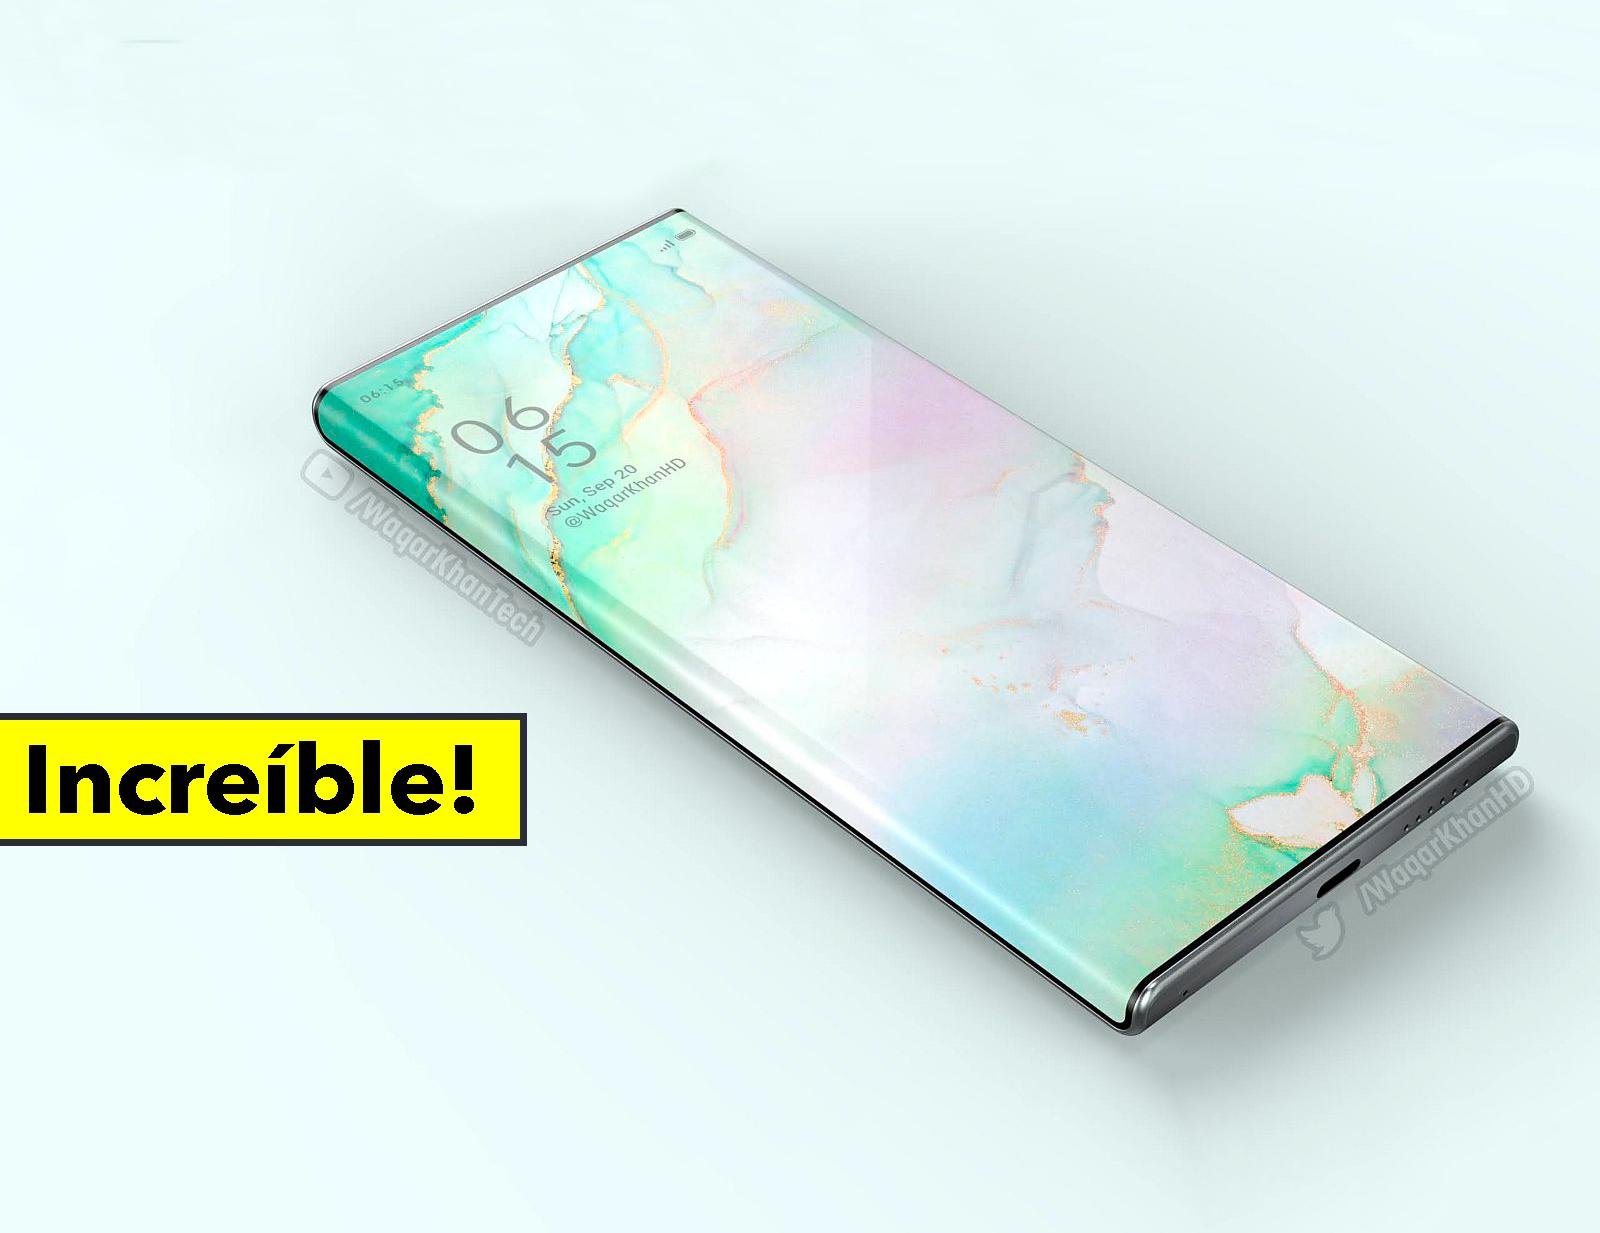 Este móvil podría ser el Android más potente del año: características filtradas